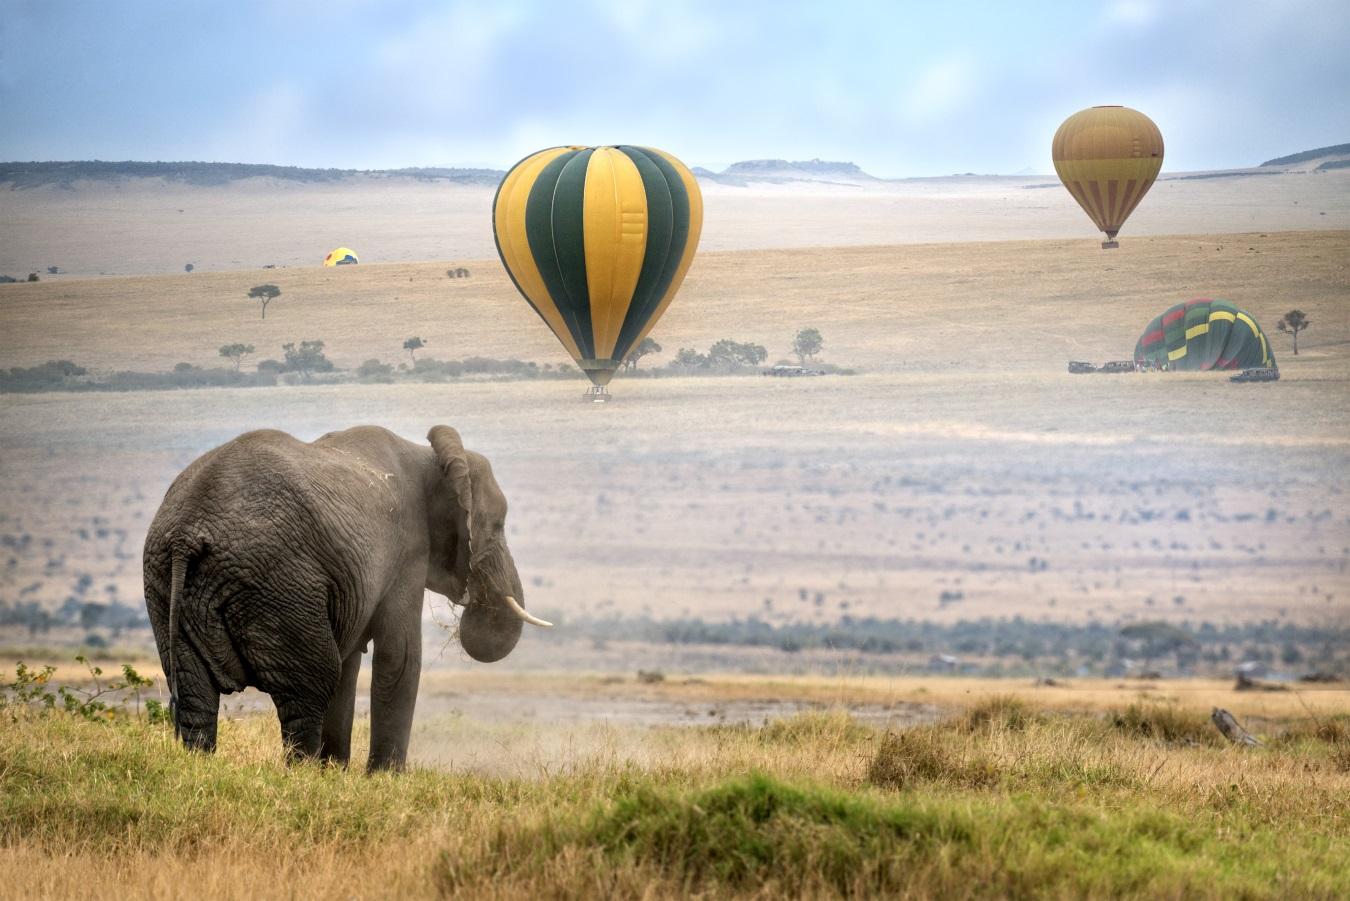 Стрелец<br /> <br /> Представителите на тази зодия винаги копнеят за приключение и искат предложение, което да е вълнуващо. Заведете я в Кения, Африка и се насладете на нова култура и съвсем различни пейзажи. Наемете балон с горещ въздух и докато прекосявате саваната паднете на едно коляно и ѝ направете предложение.